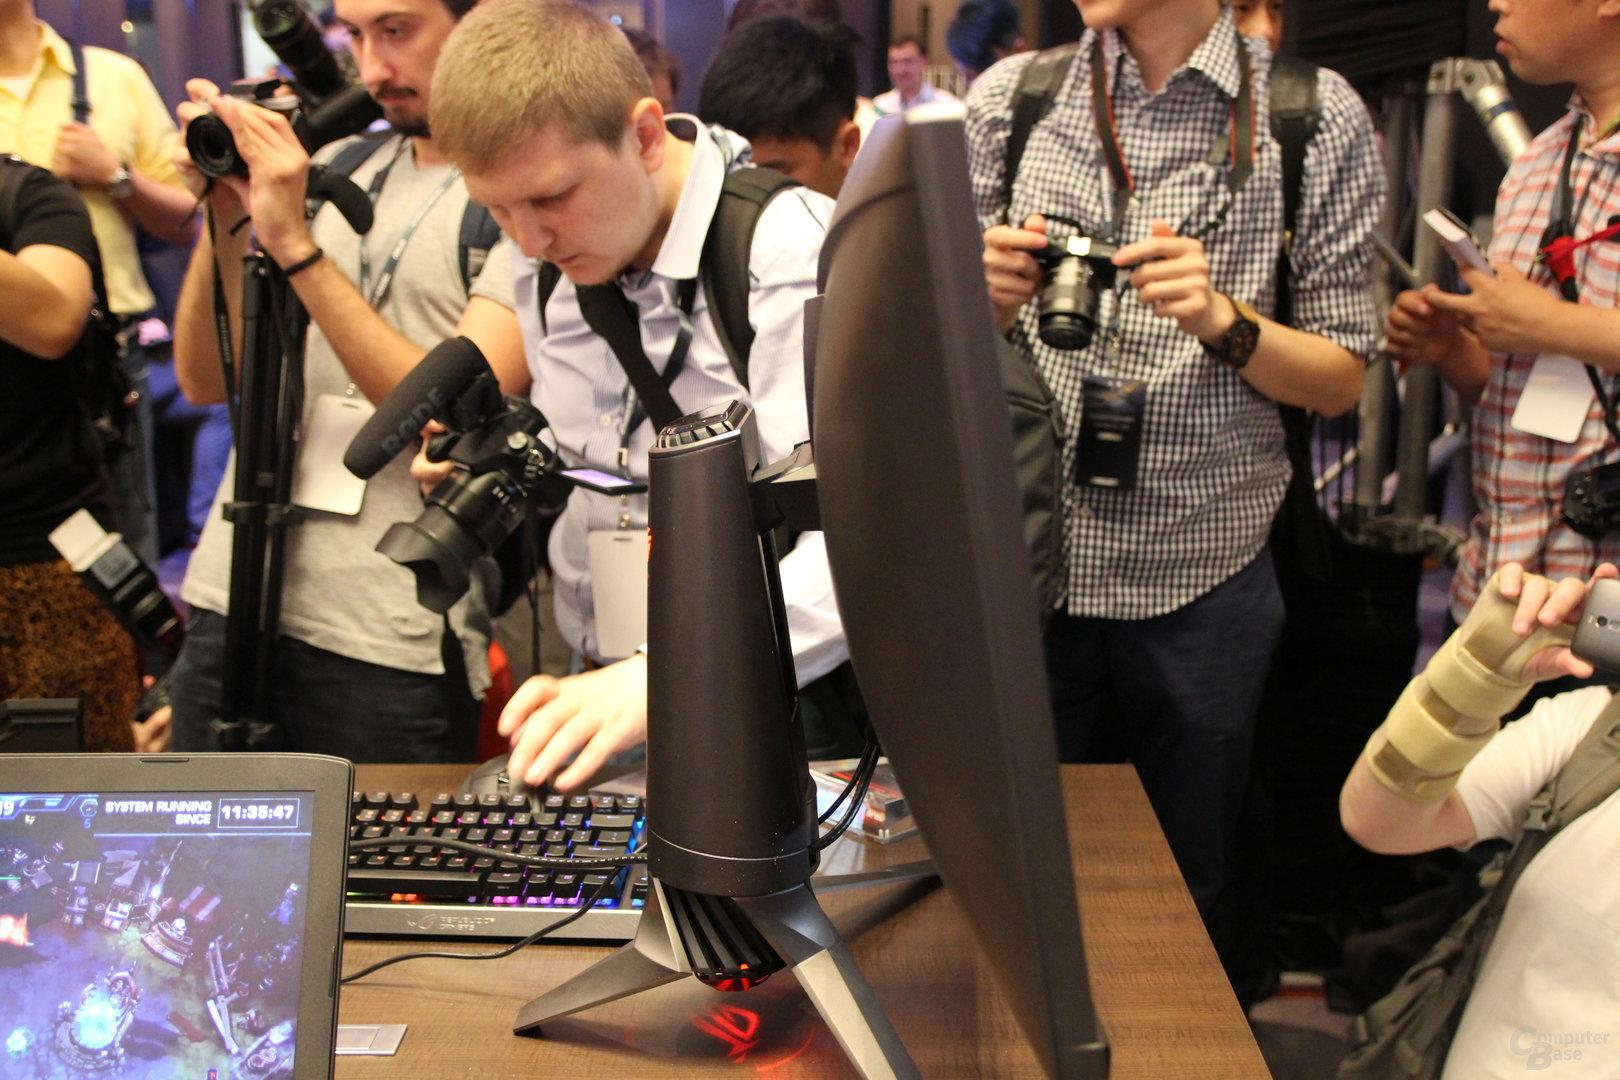 Asus hat nicht nur AMD- und Nvidia-Grafikkarten im Portfolio, sondern genauso G-Sync- und FreeSync-Monitore. Auf der Messe hat der Hersteller nun zwei neue Displays mit ersterem vorgestellt.